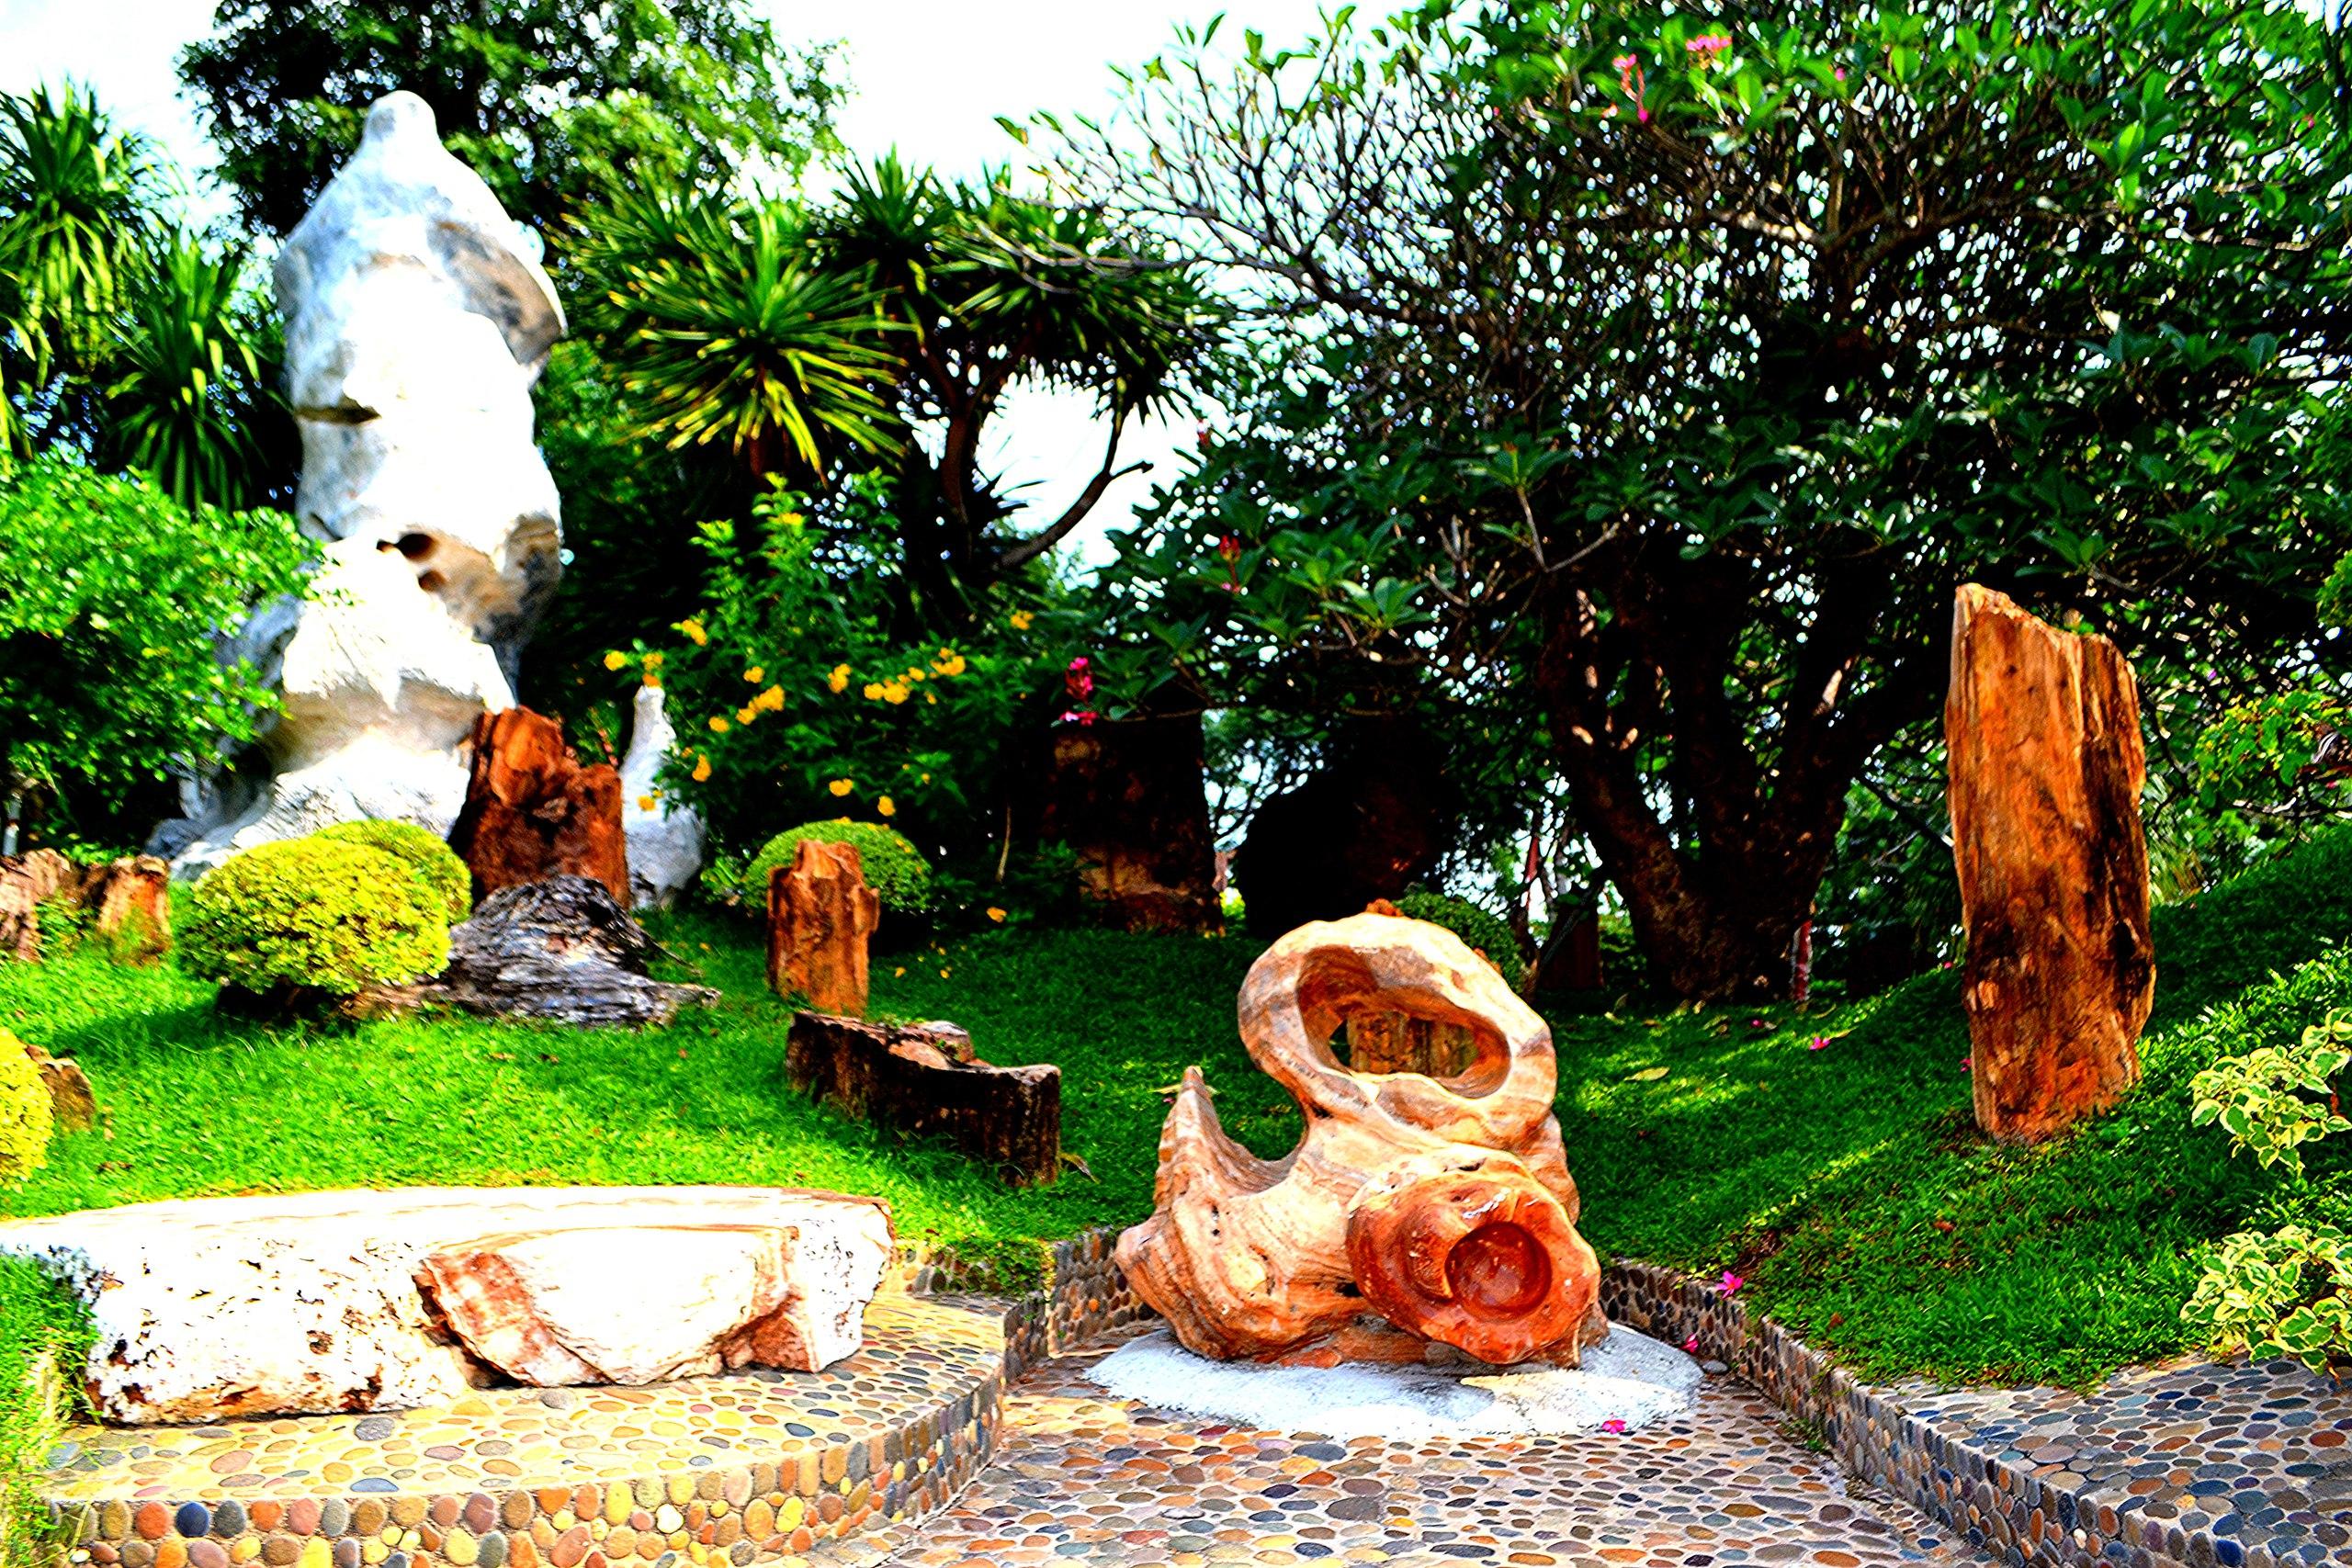 Елена Руденко ( Валтея ). Таиланд. Парк миллионолетних камней и крокодиловая ферма. RaSANyxkMLw